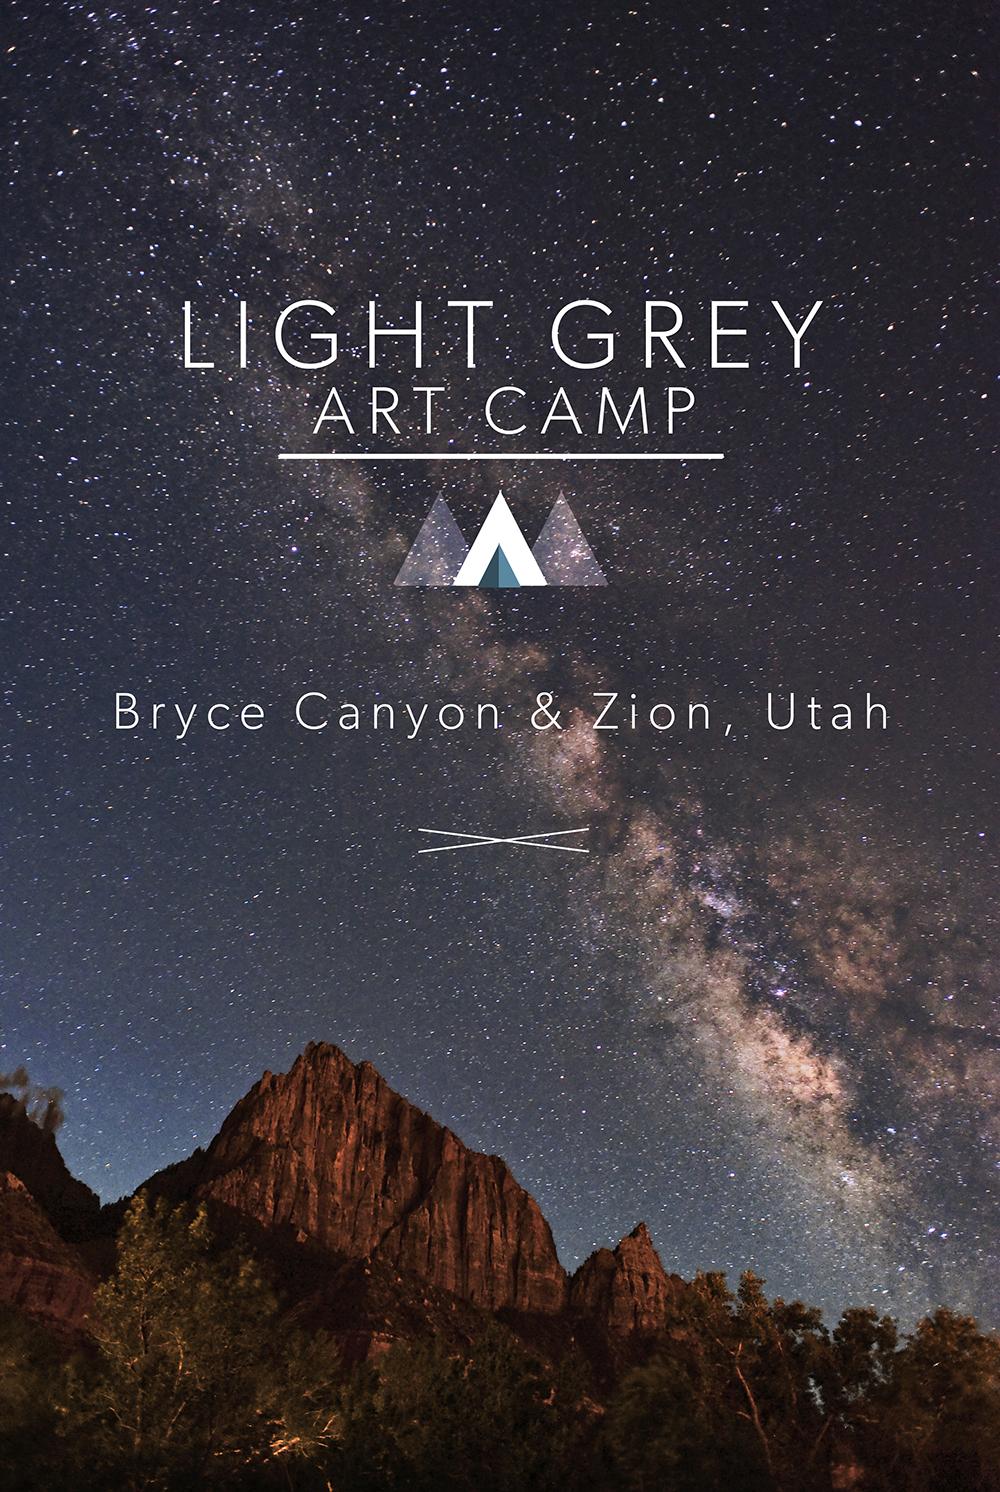 LightGreyArtCamp_BryceCanyonZion_working.jpg